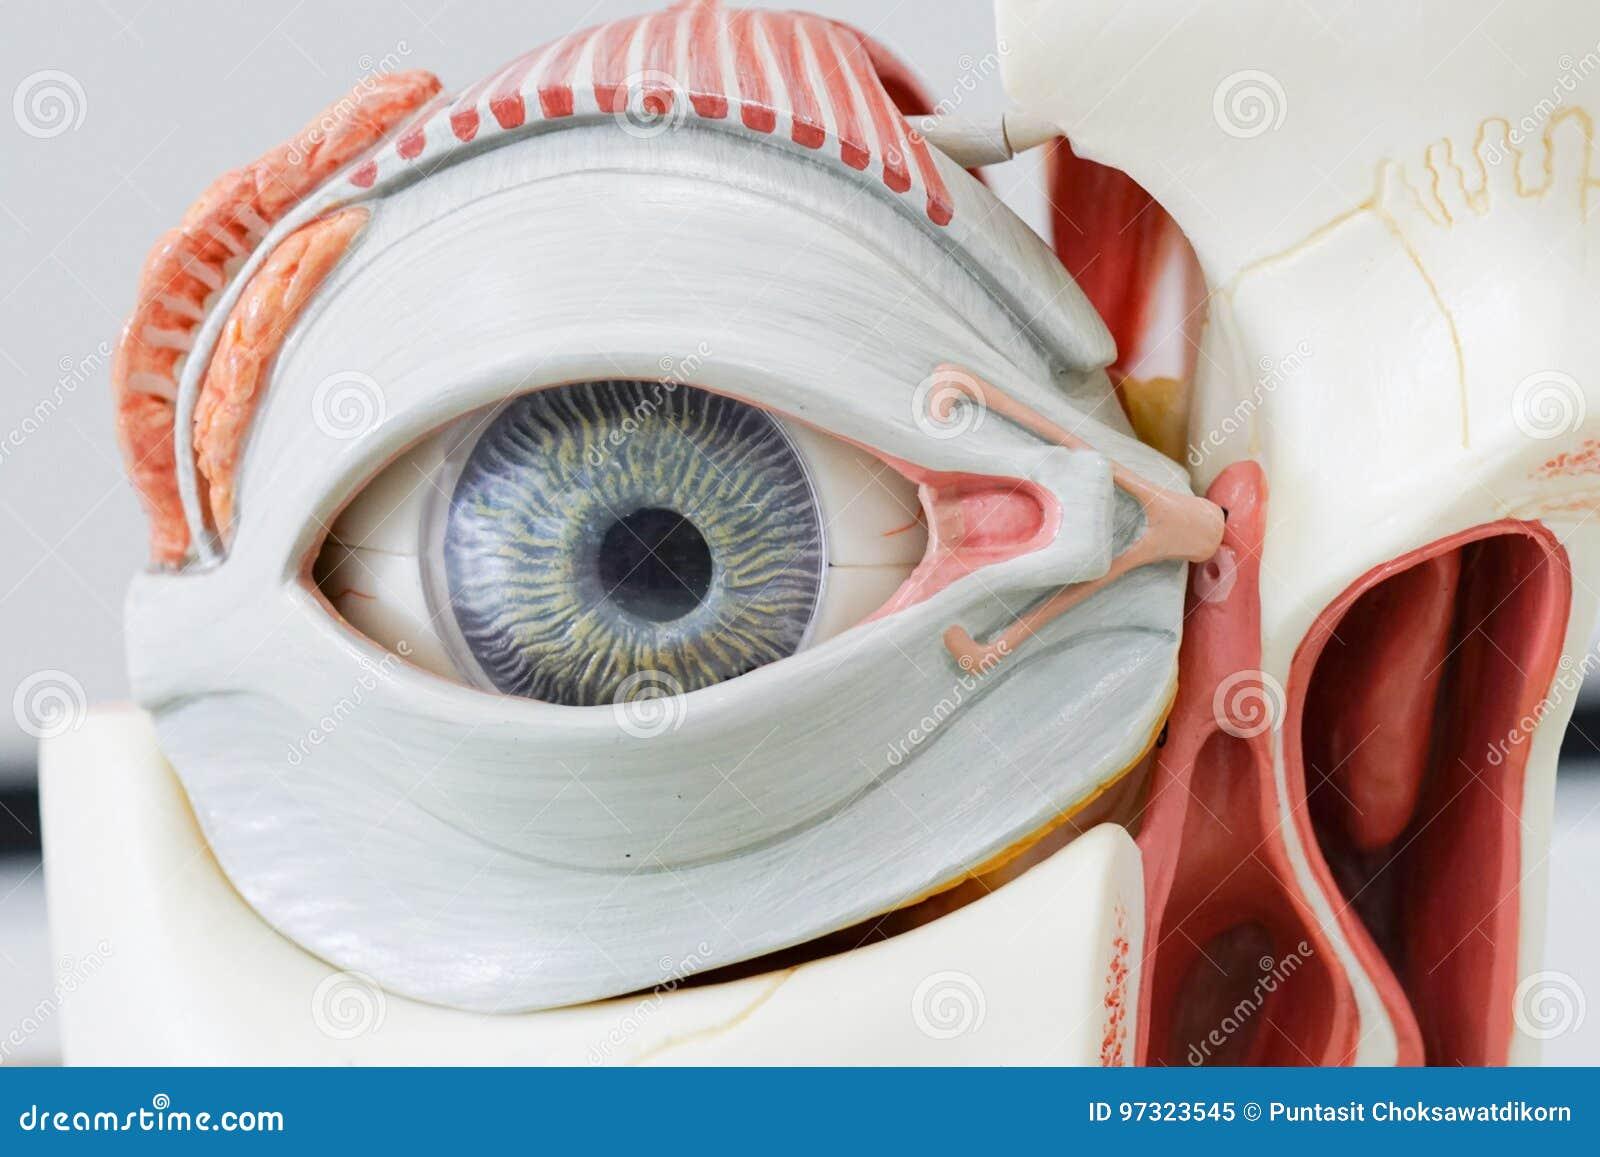 Human Eye Model Stock Image Image Of Iris Healthy Body 97323545